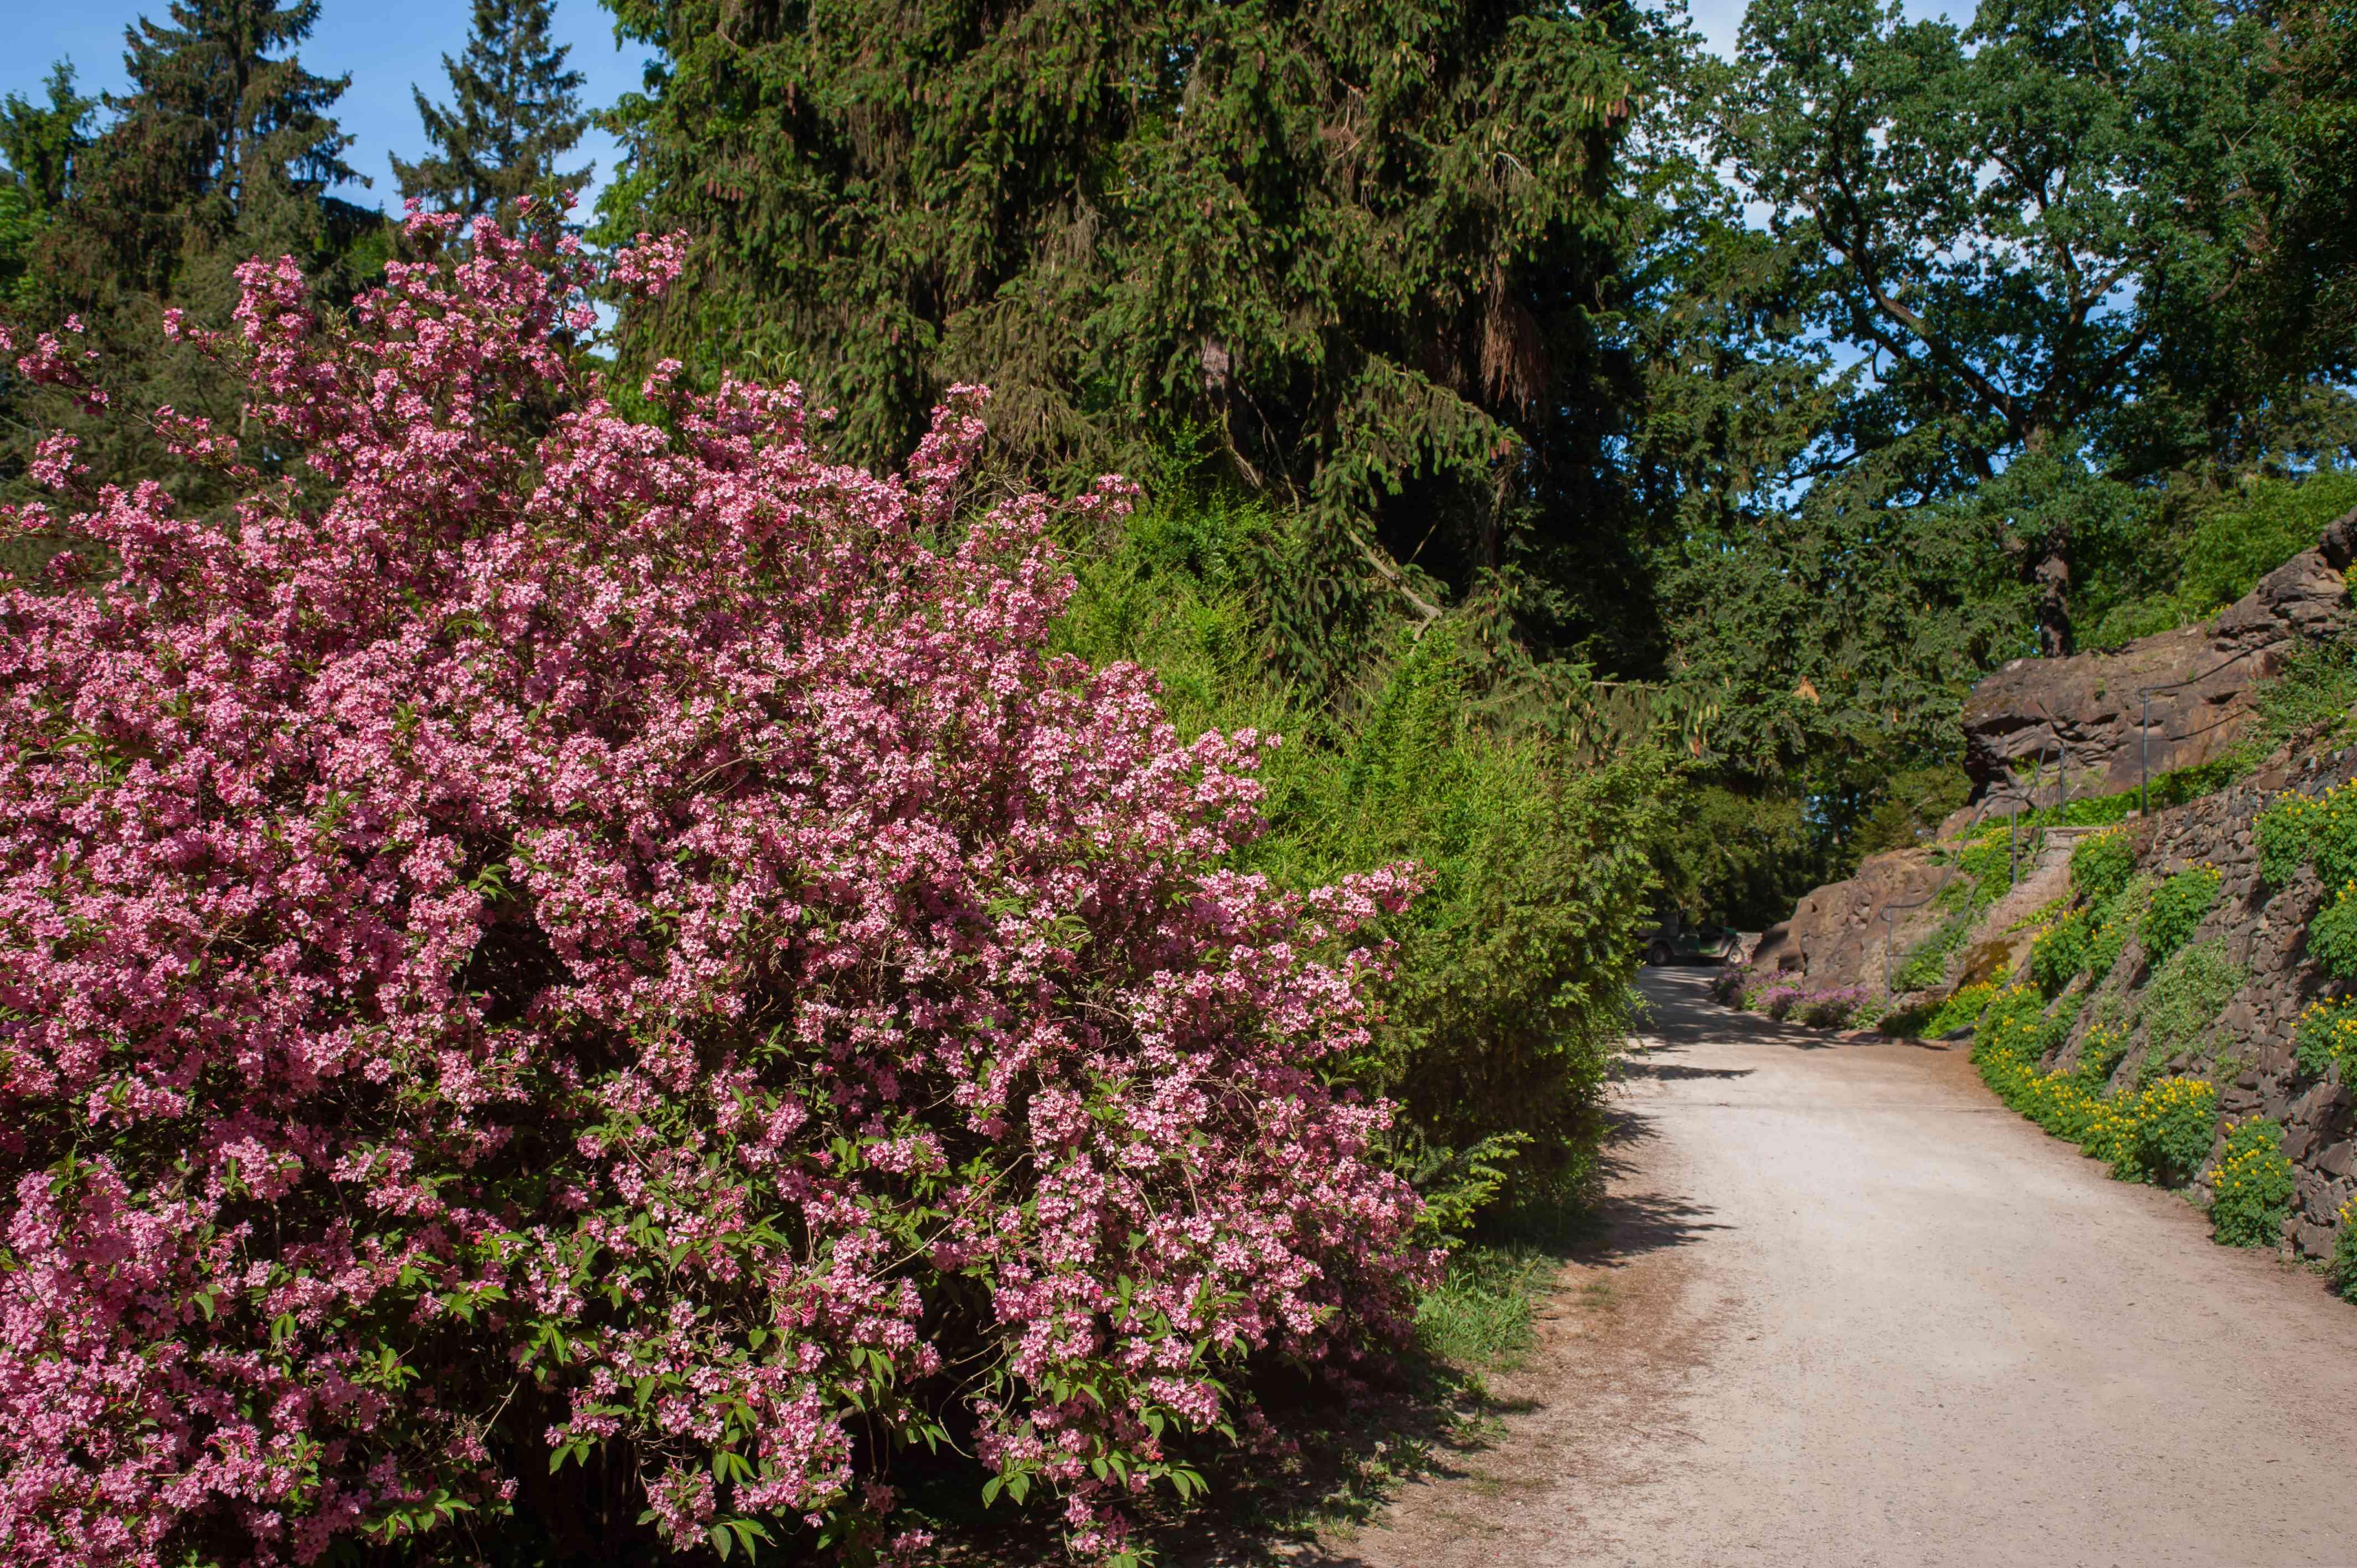 Wiegela bush with pink flowers alongside pathway in sunlight